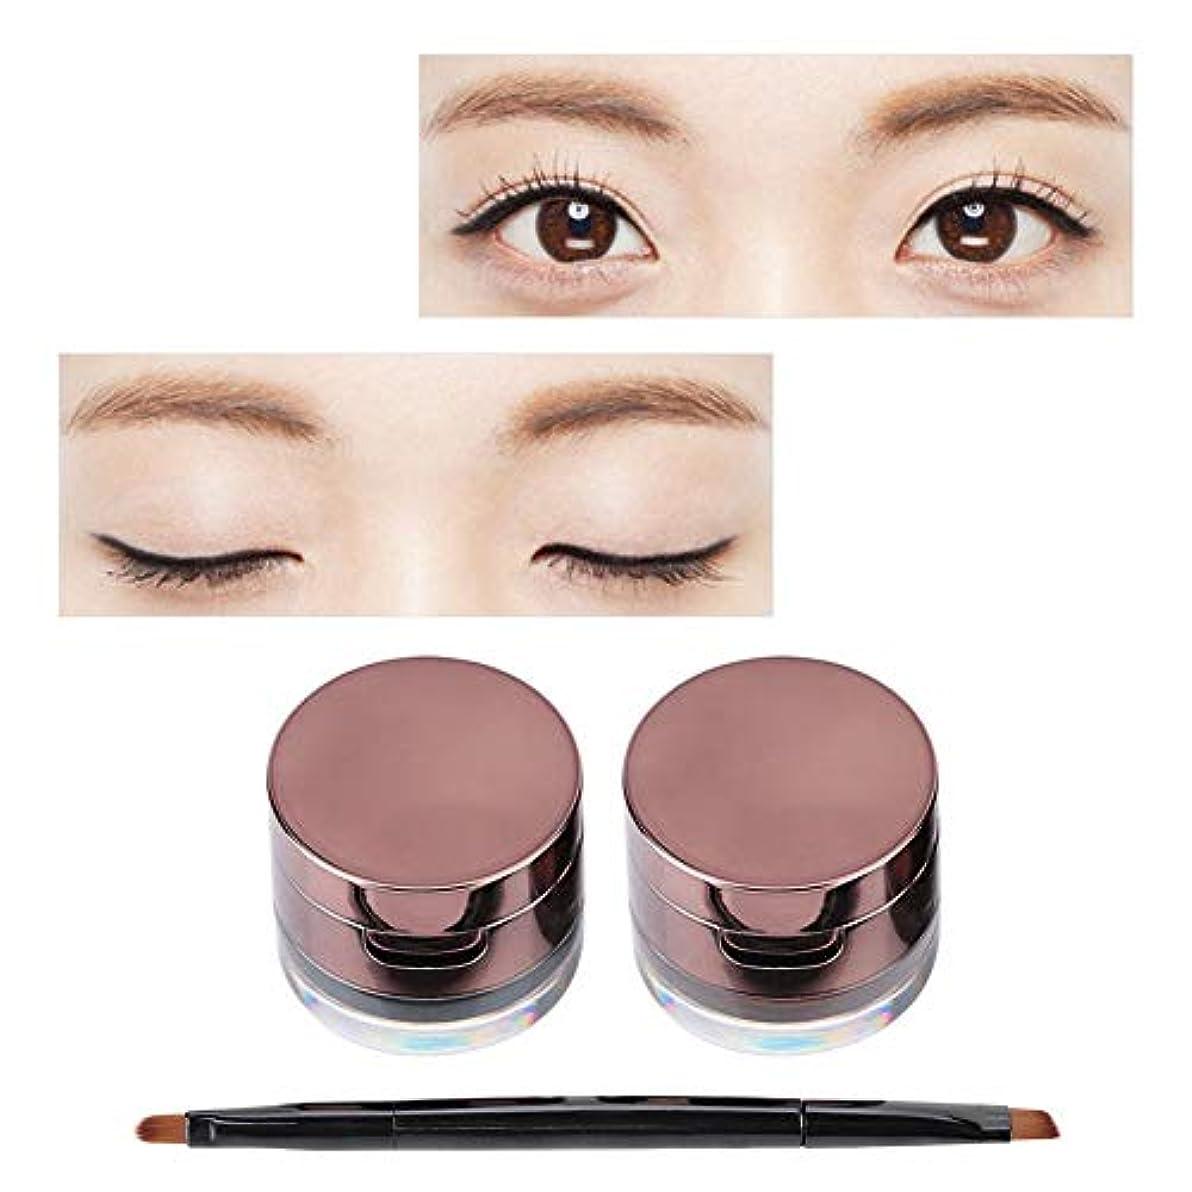 徴収映画潜在的な眉毛パウダーセット、ミスファイブメイクアップアイライナー眉毛パウダーセット防水化粧品ブラシキット